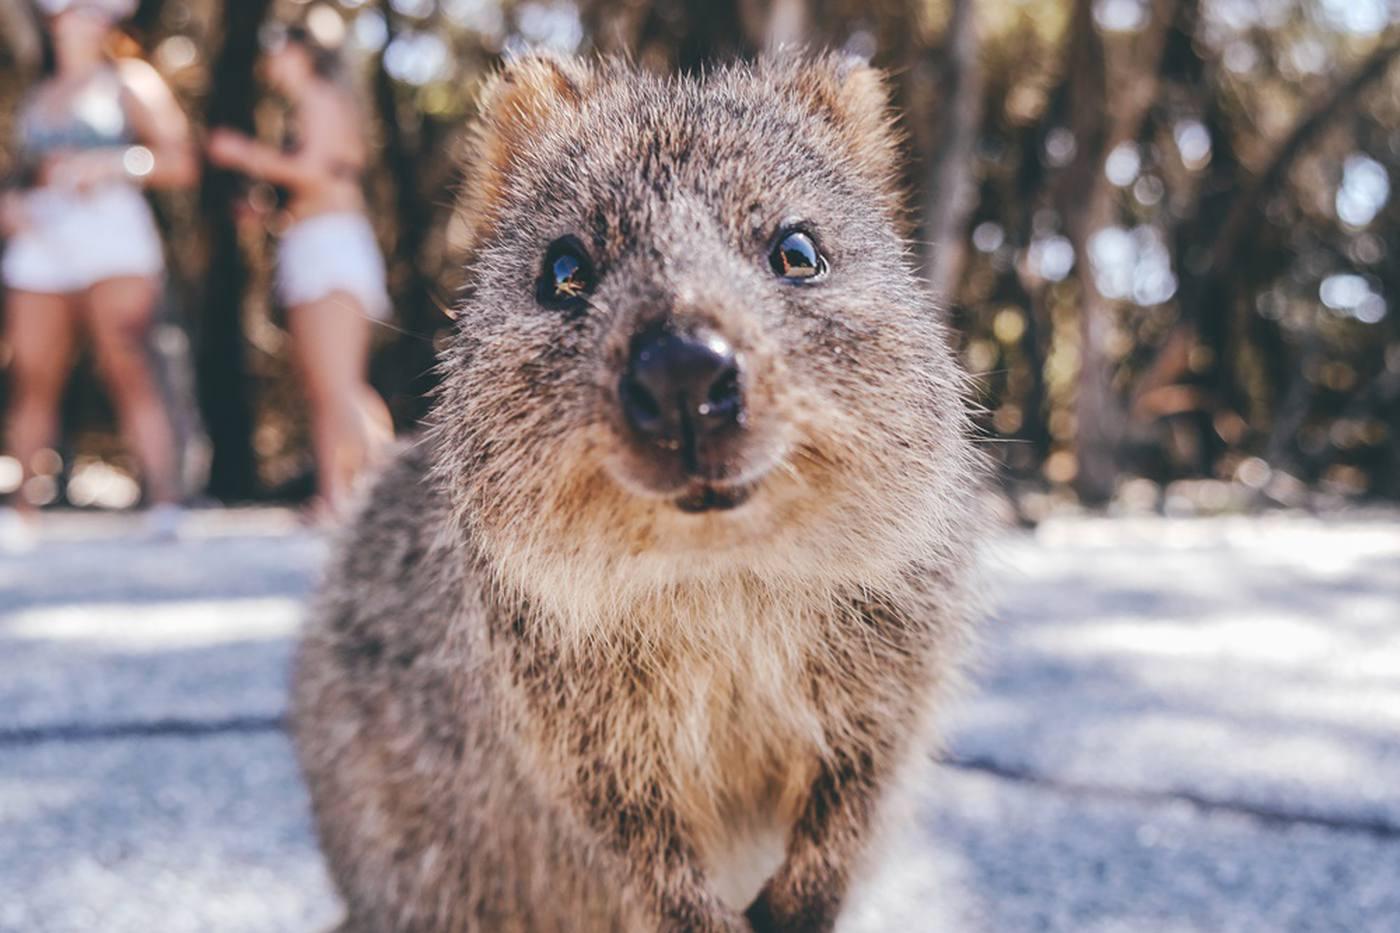 【西オーストラリア物語】幸せな動物クオッカ、神秘的なワイルドフラワーに出会う旅 image